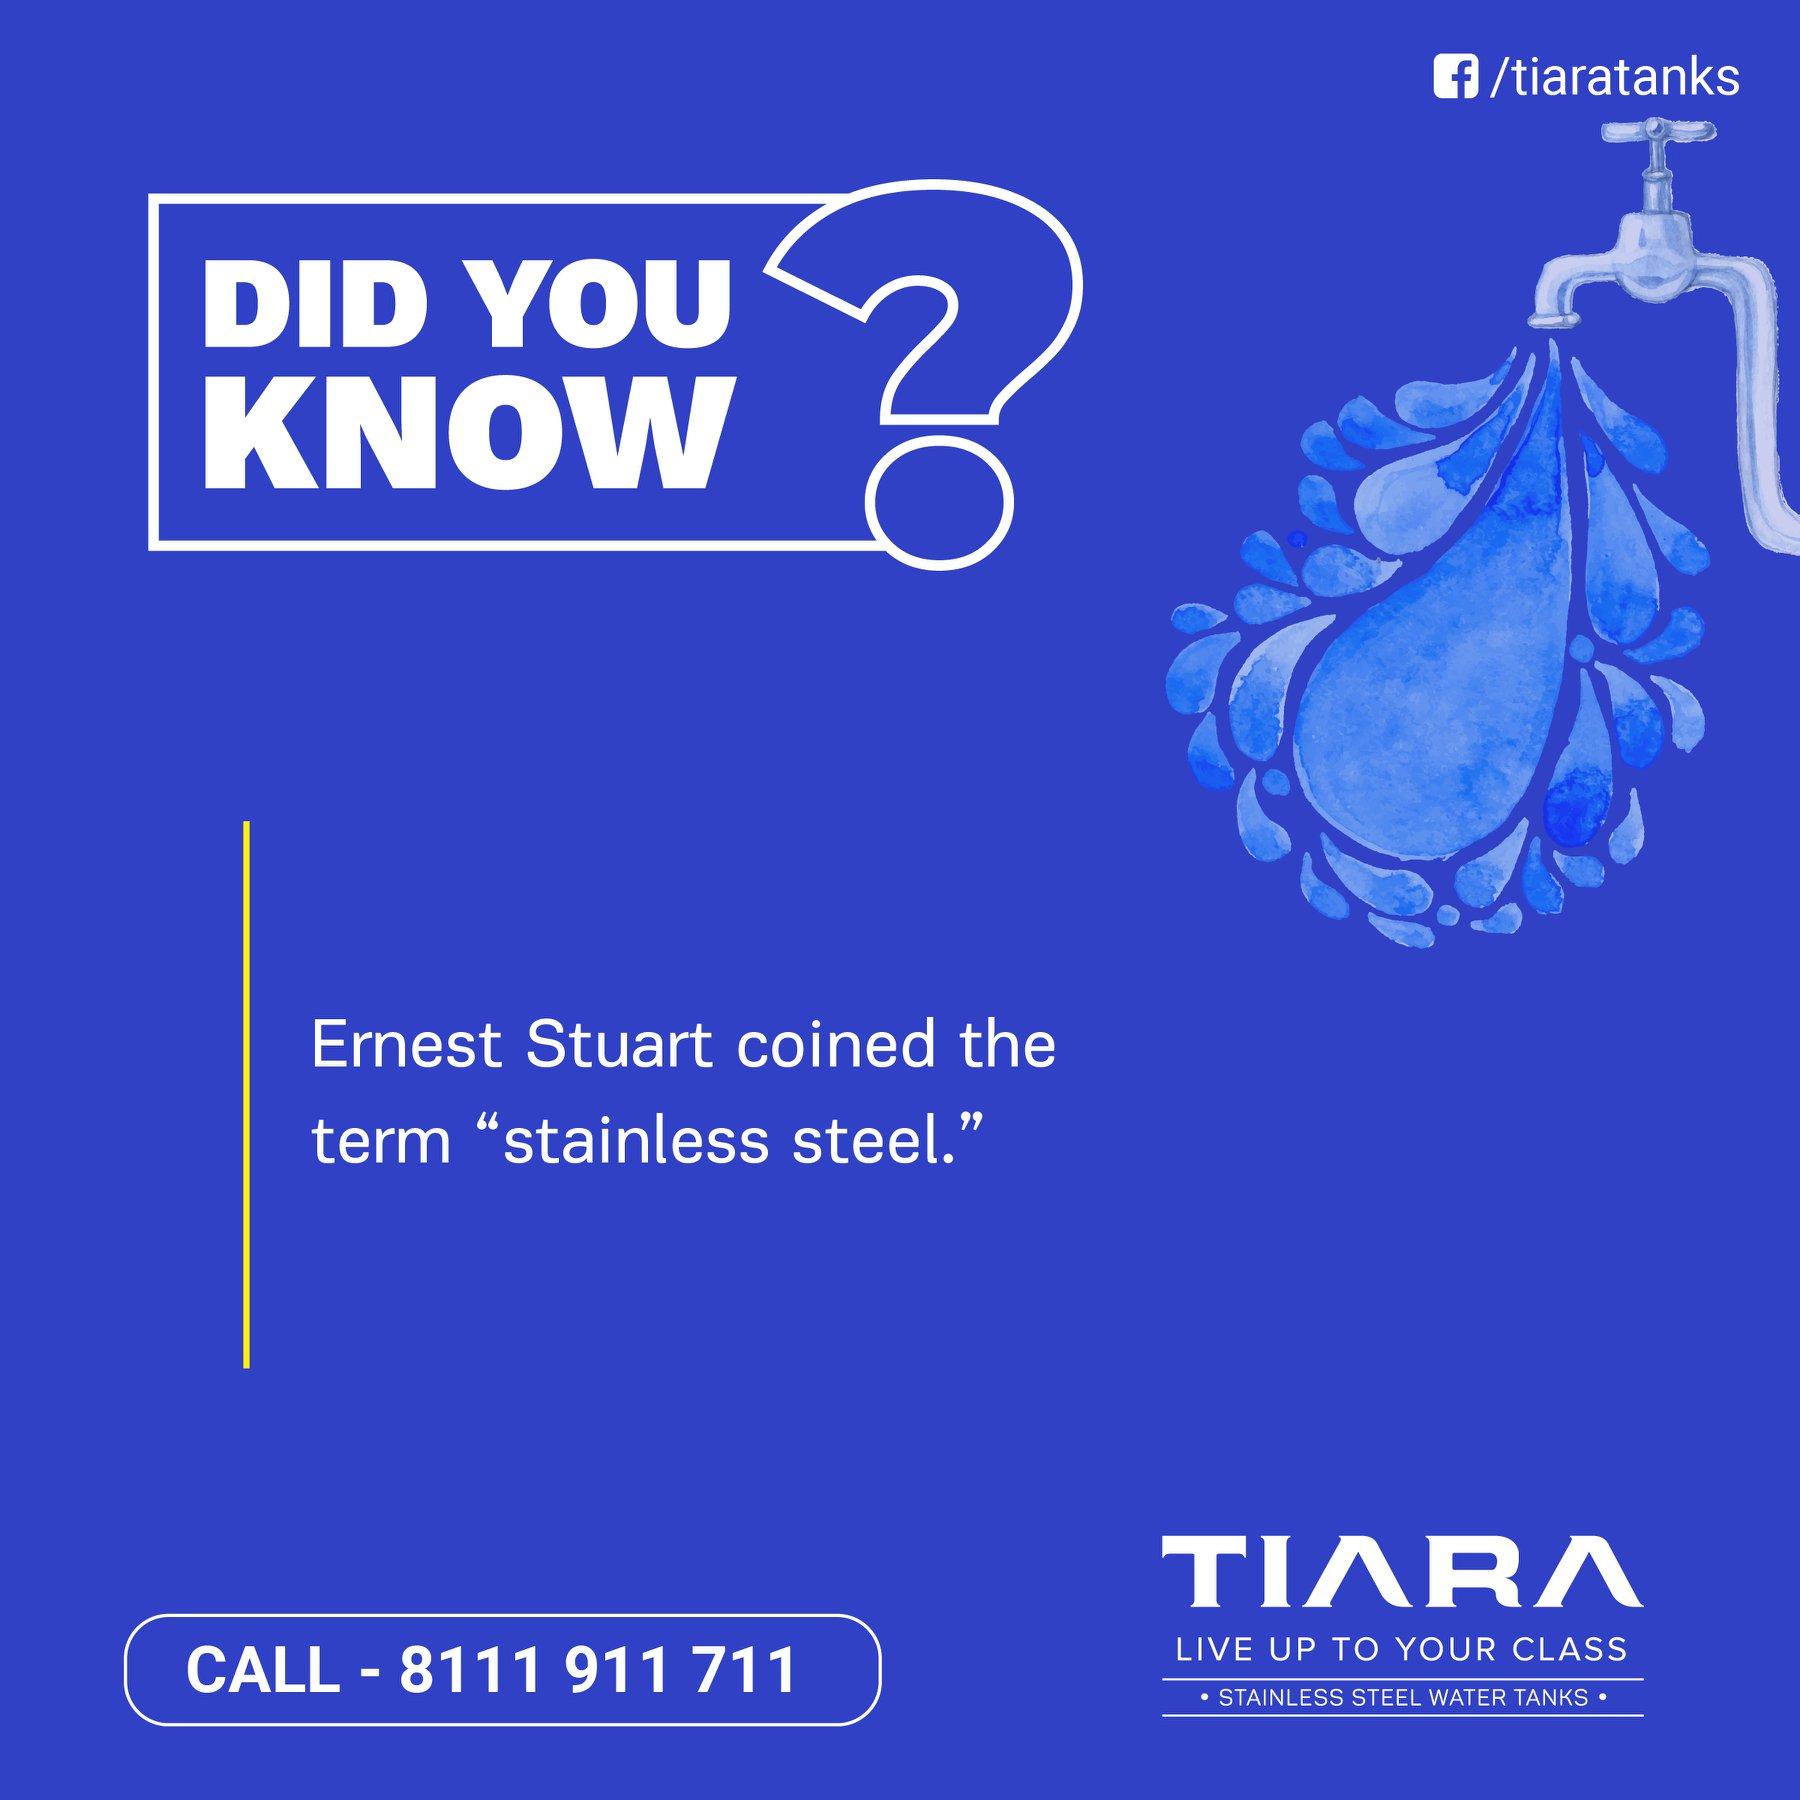 Tiara Stainless Steel Water Tanks